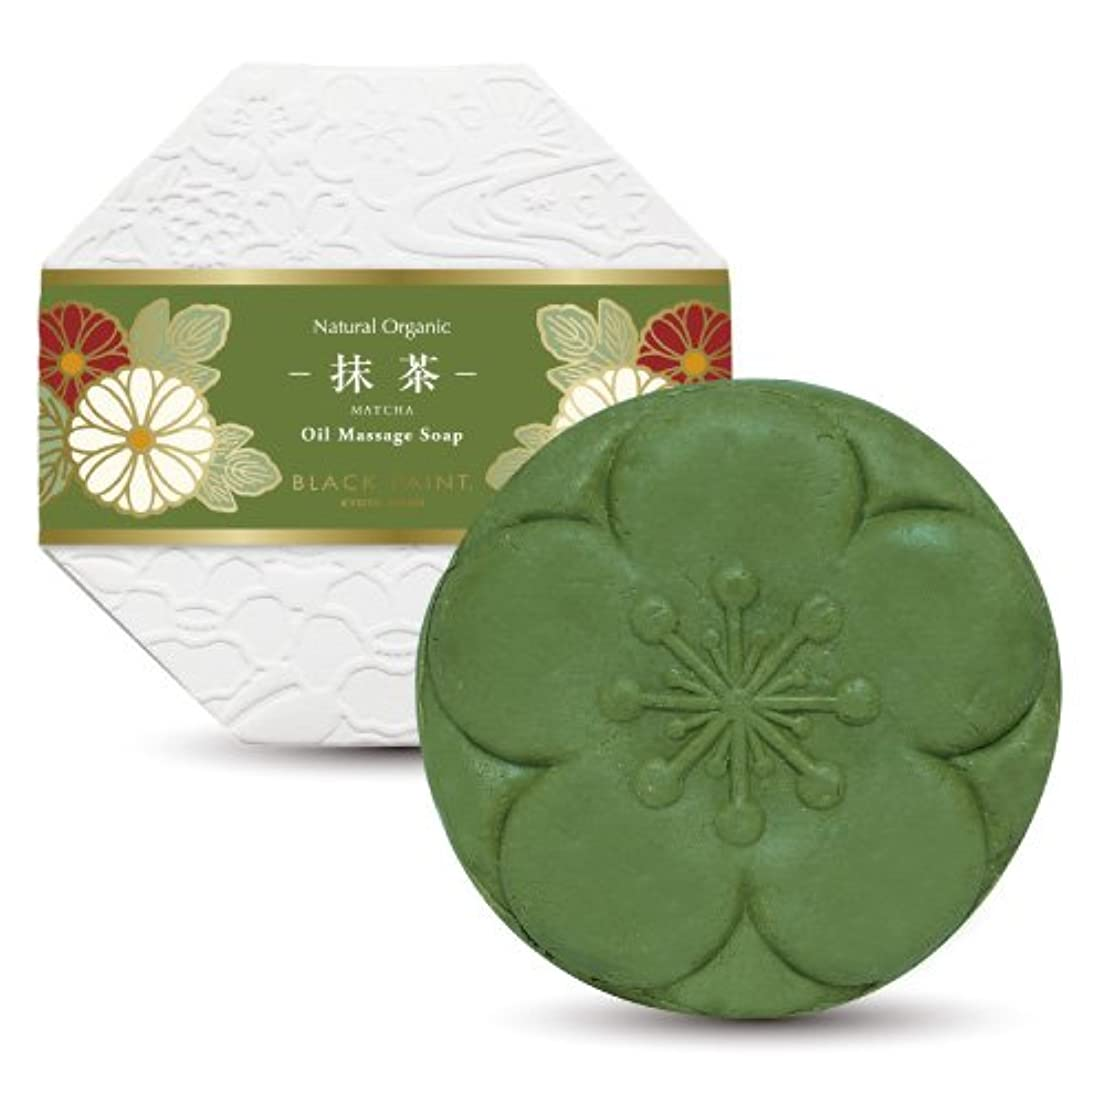 絶対に到着する百京のお茶石鹸 抹茶 120g 塗る石鹸